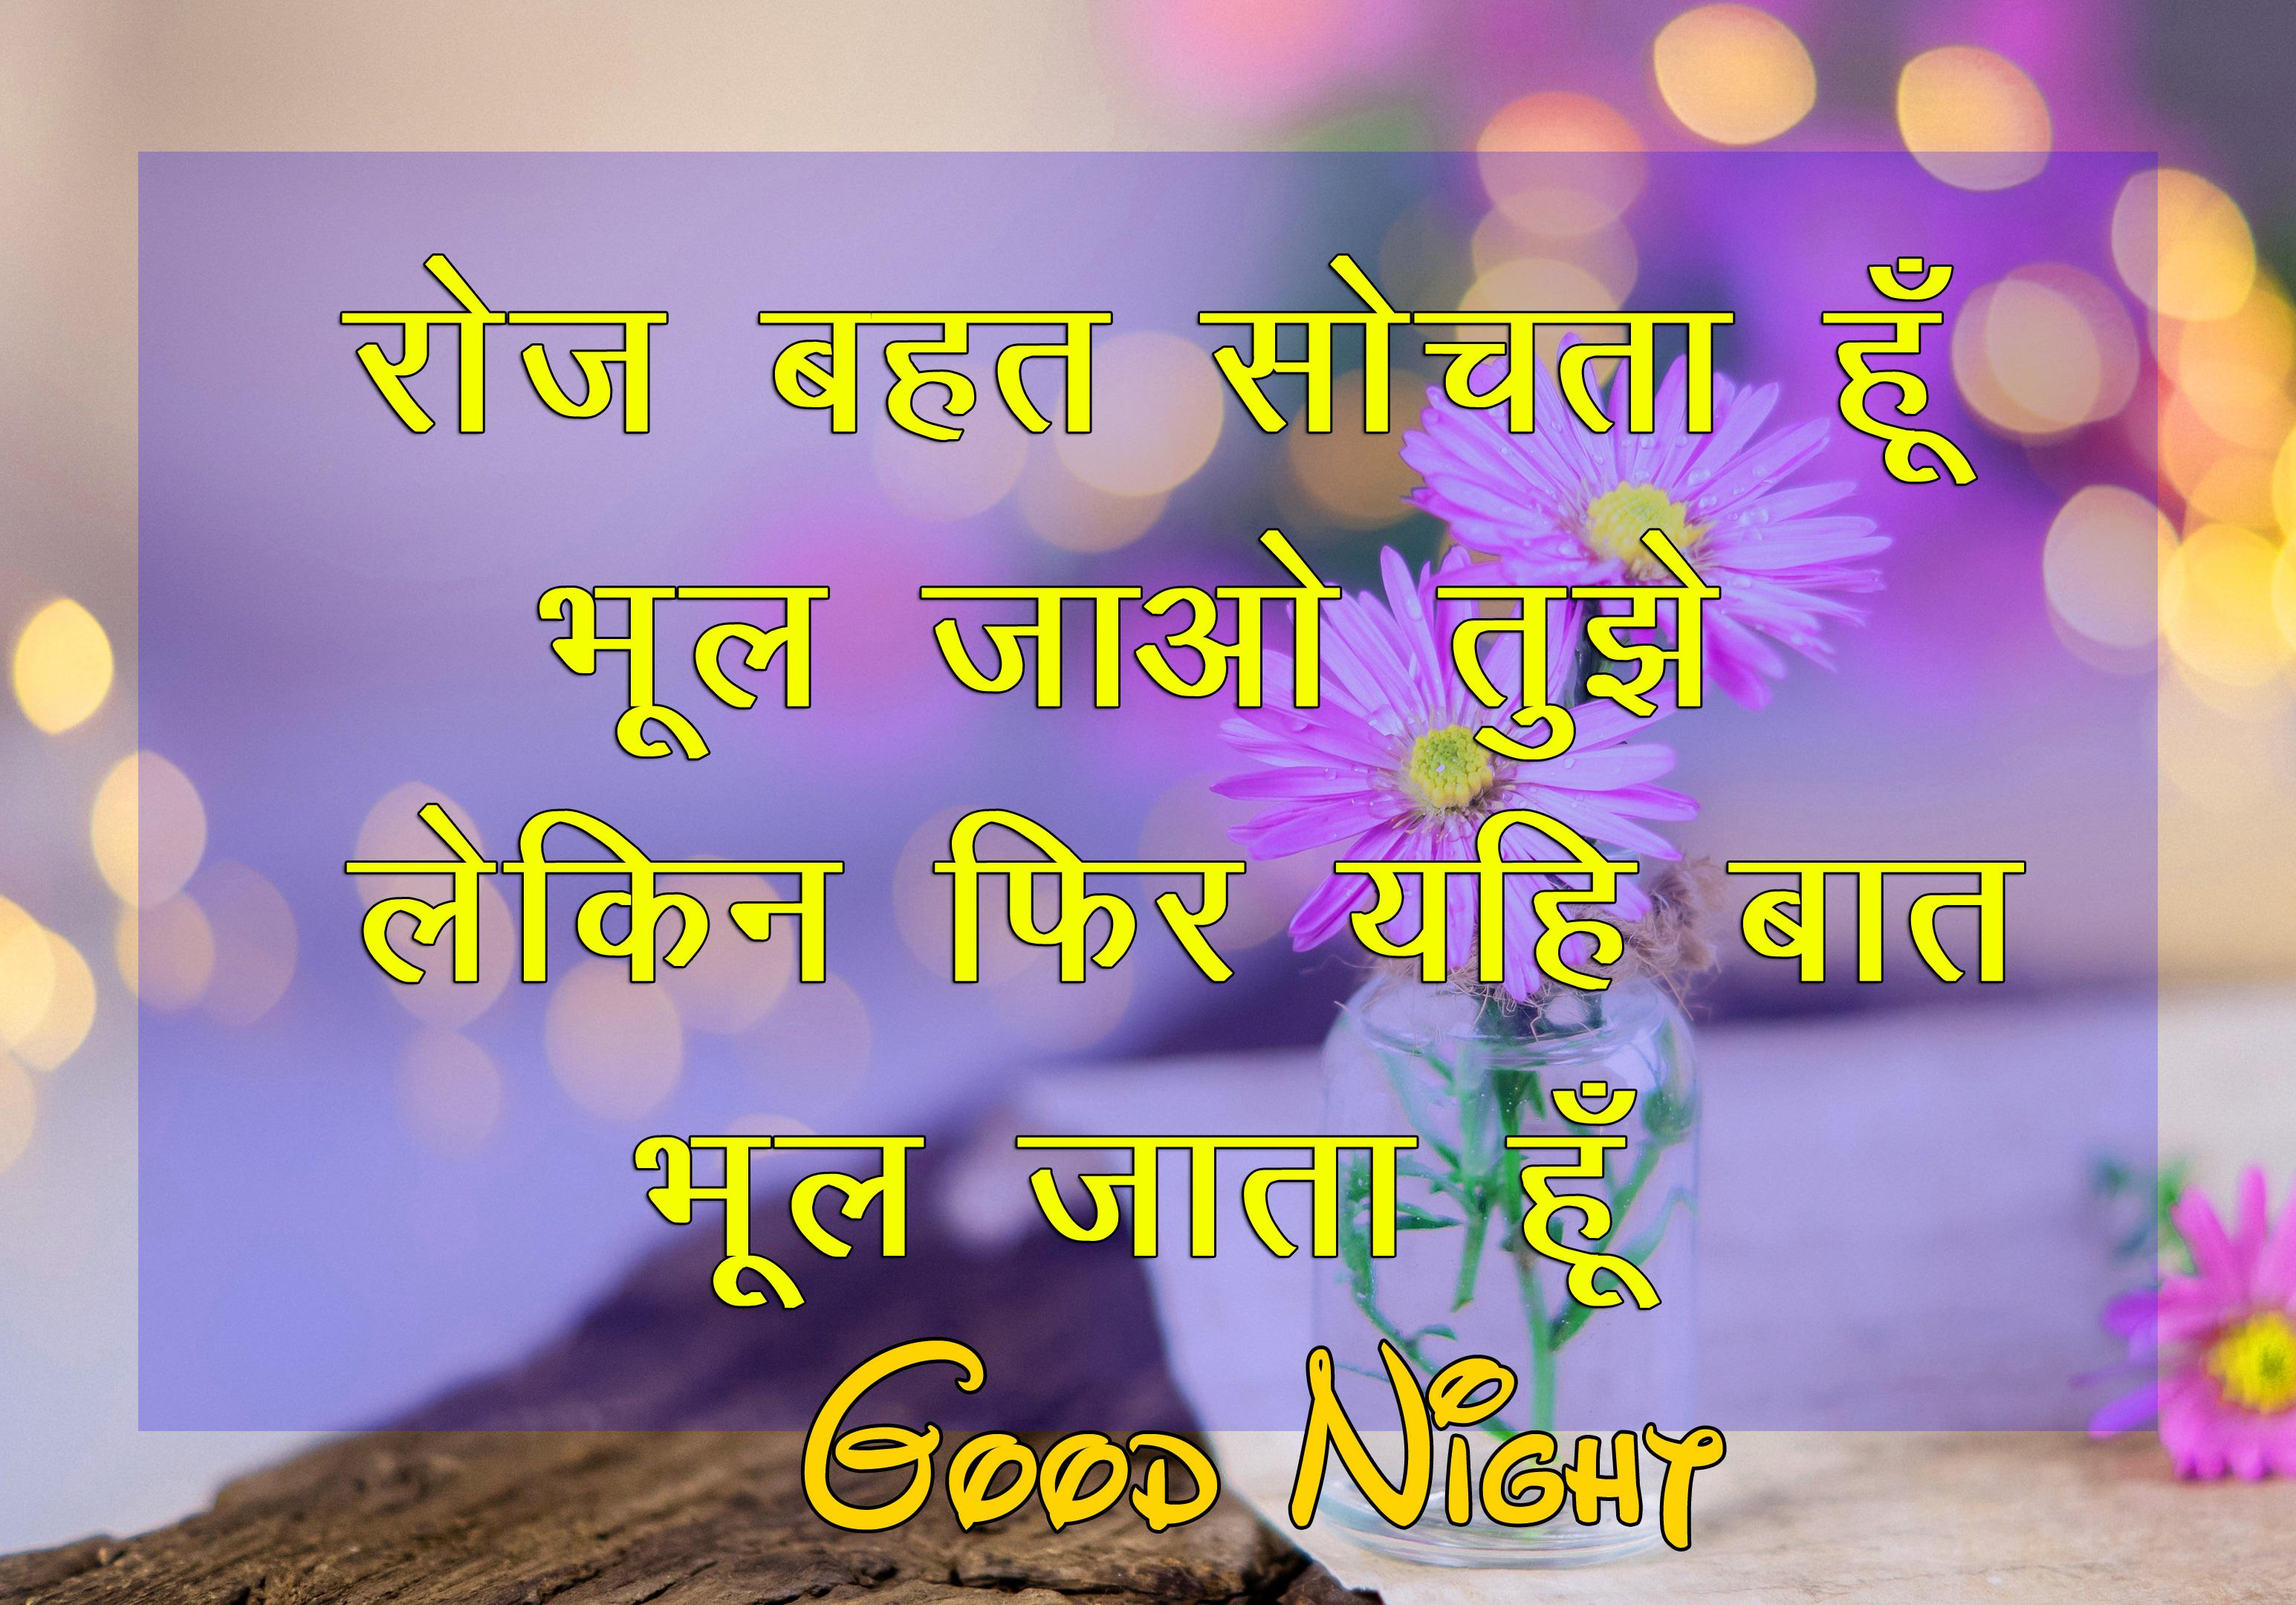 Beautiful Hindi Shayari HD Images Pics Download Free